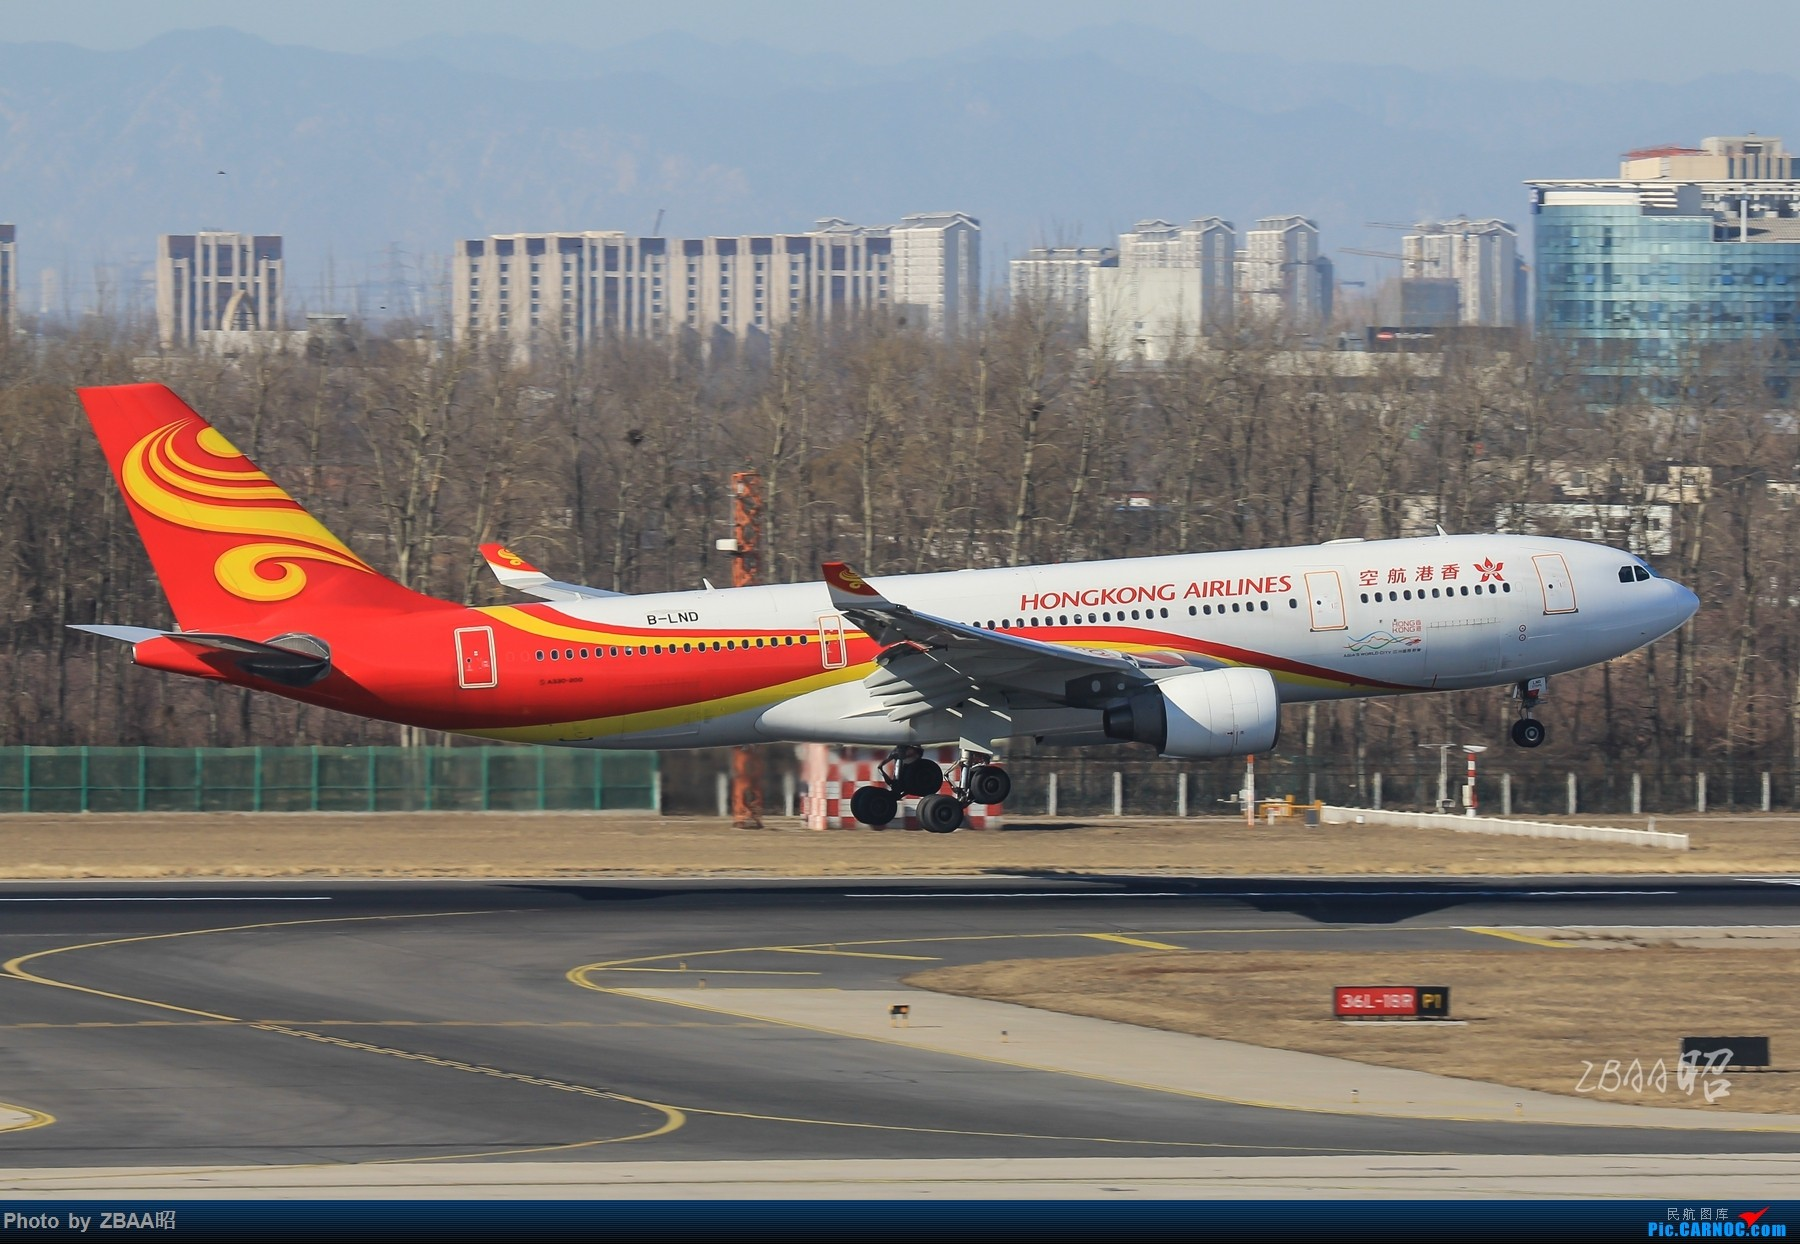 Re:[原创]飞友聚会后的独自疯狂,格林豪泰隔天怒打ZBAA 36L跑道,夜拍海航宽体机,寒风中坚守楼顶阵地 AIRBUS A330-200 B-LND 中国北京首都国际机场